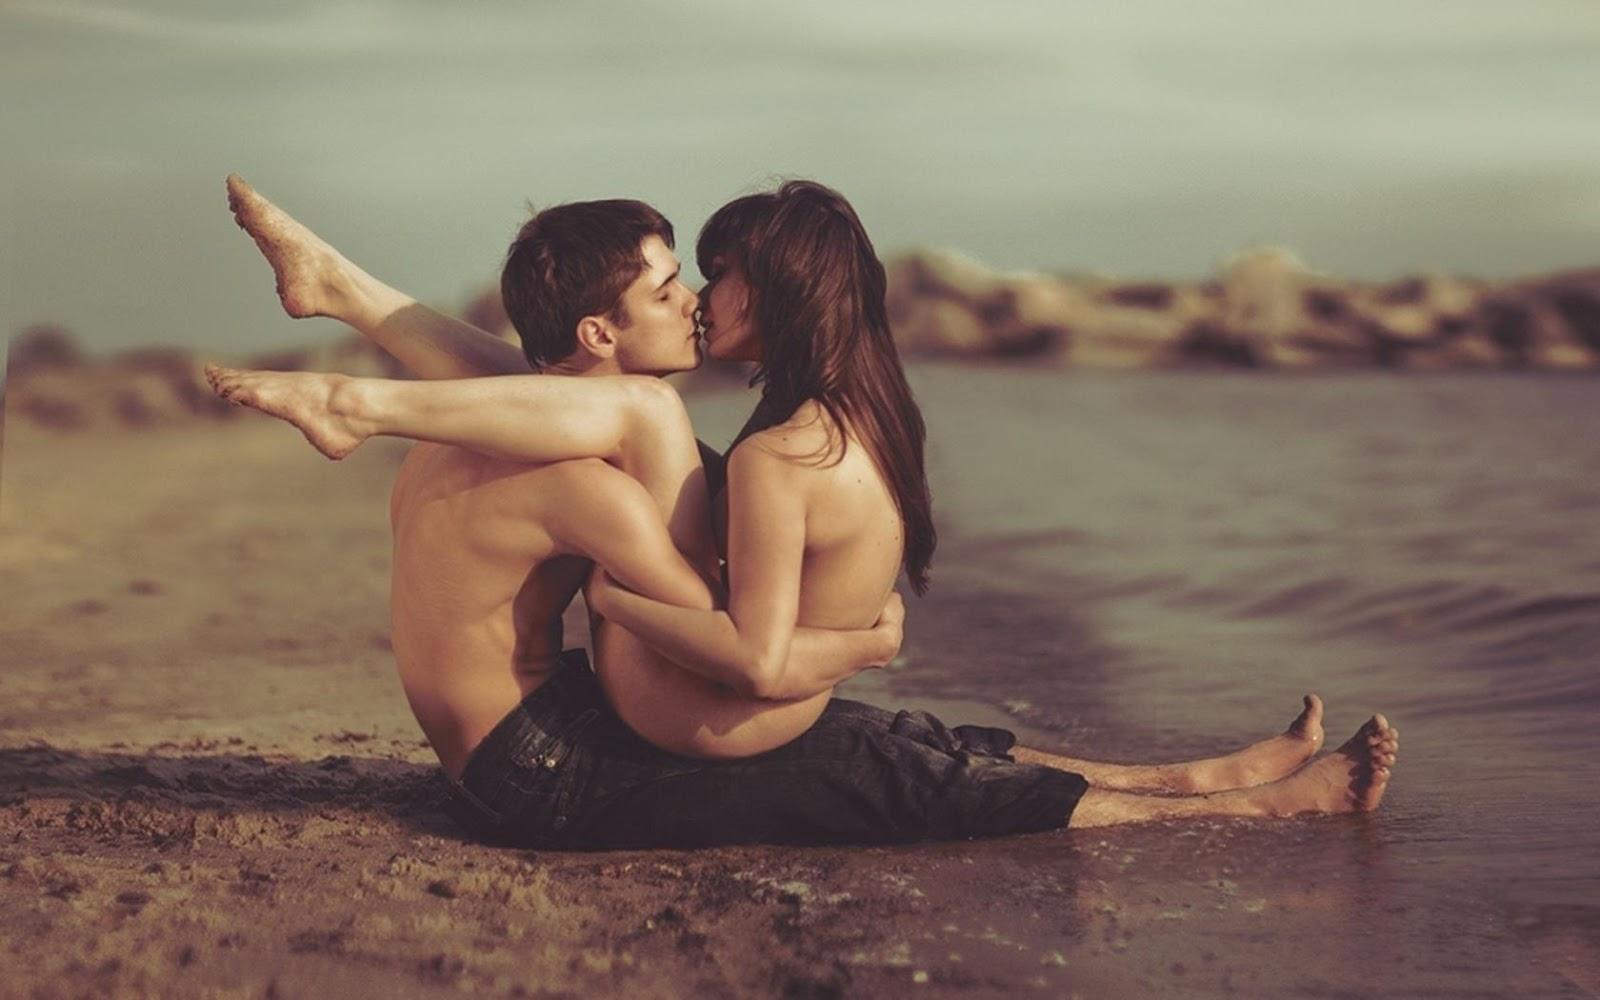 cam2cam sex rosenfelder strand wetter